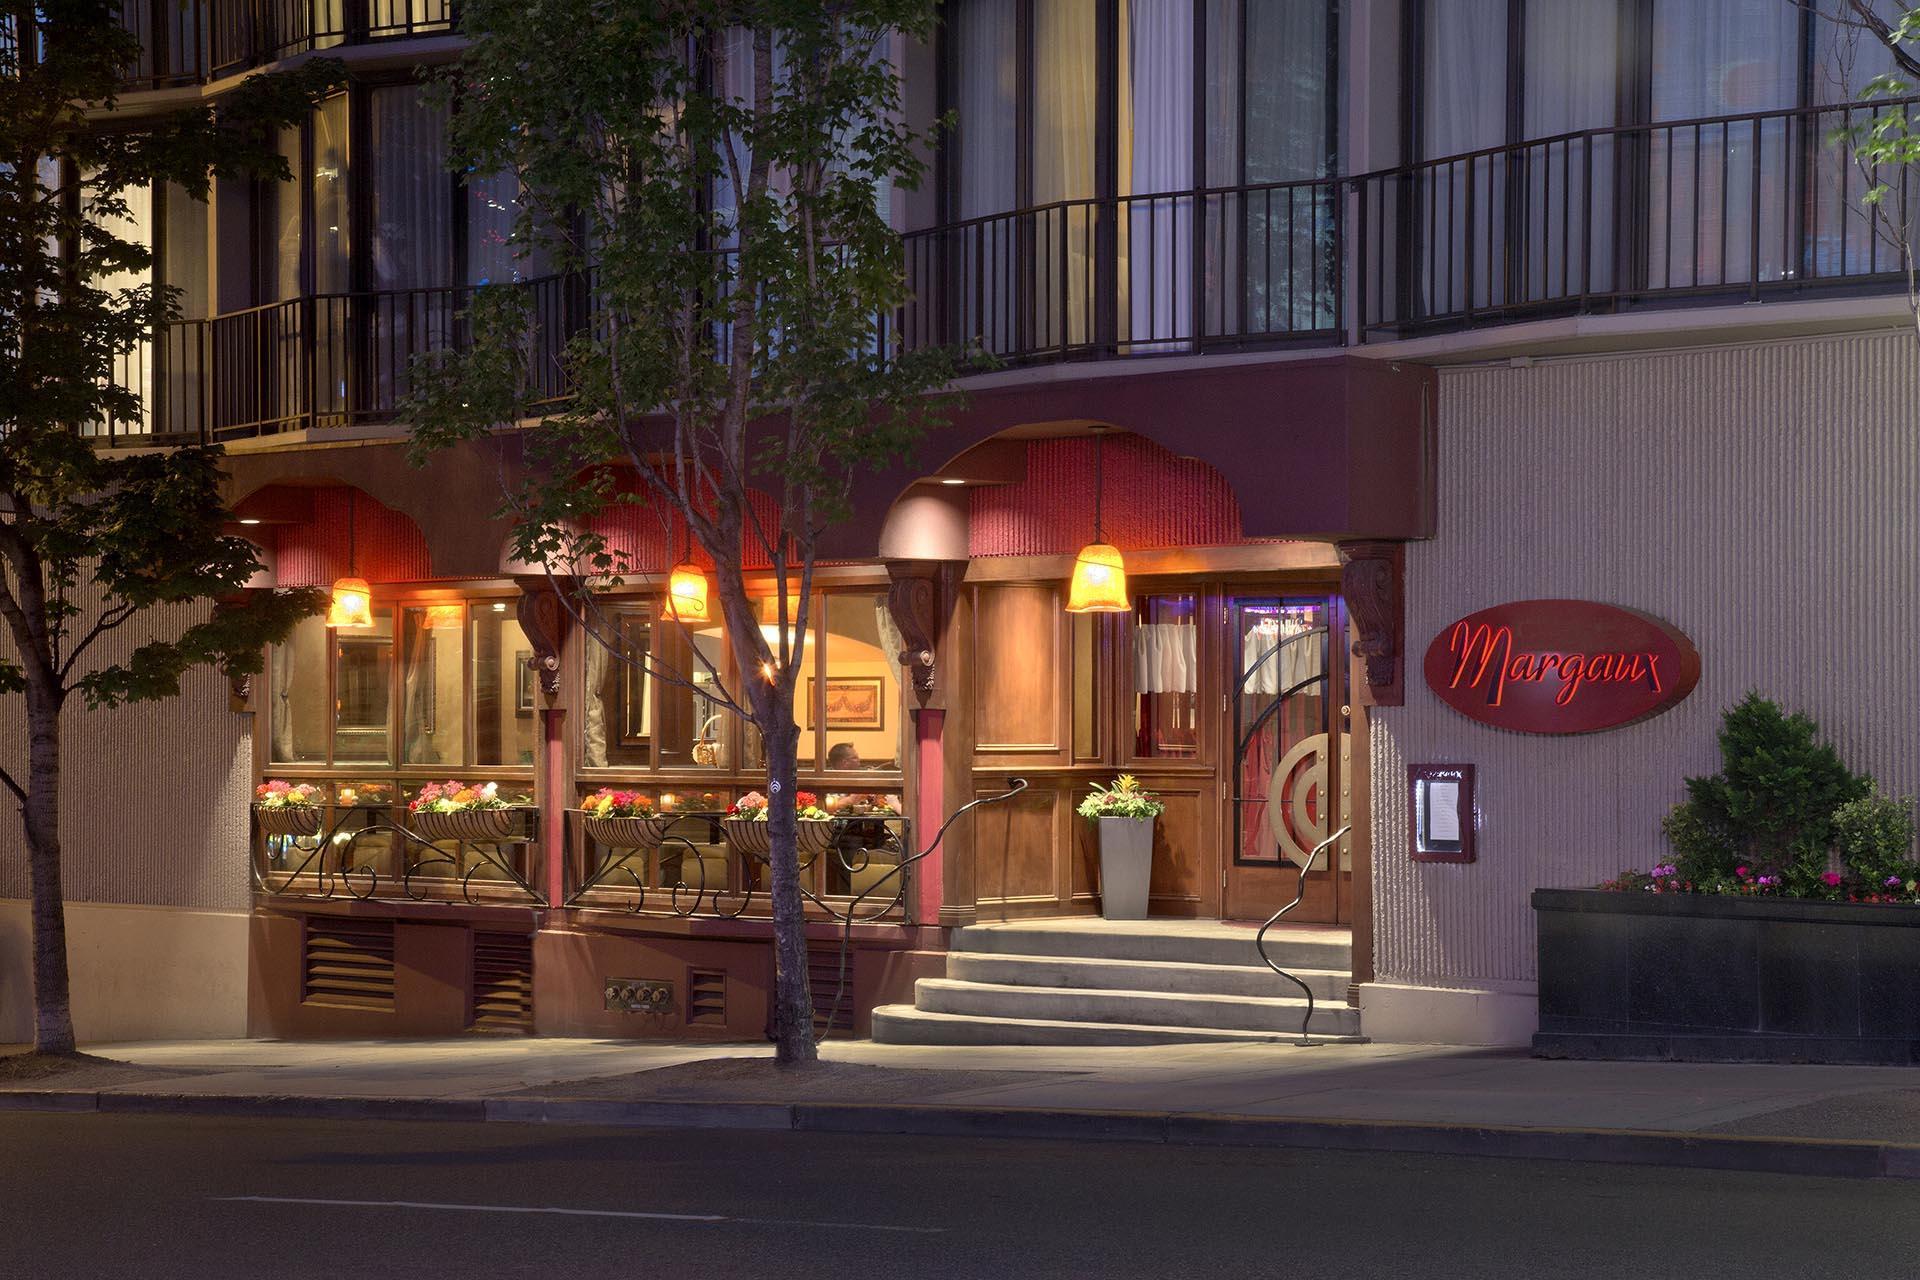 Margaux Restaurant Exterior view